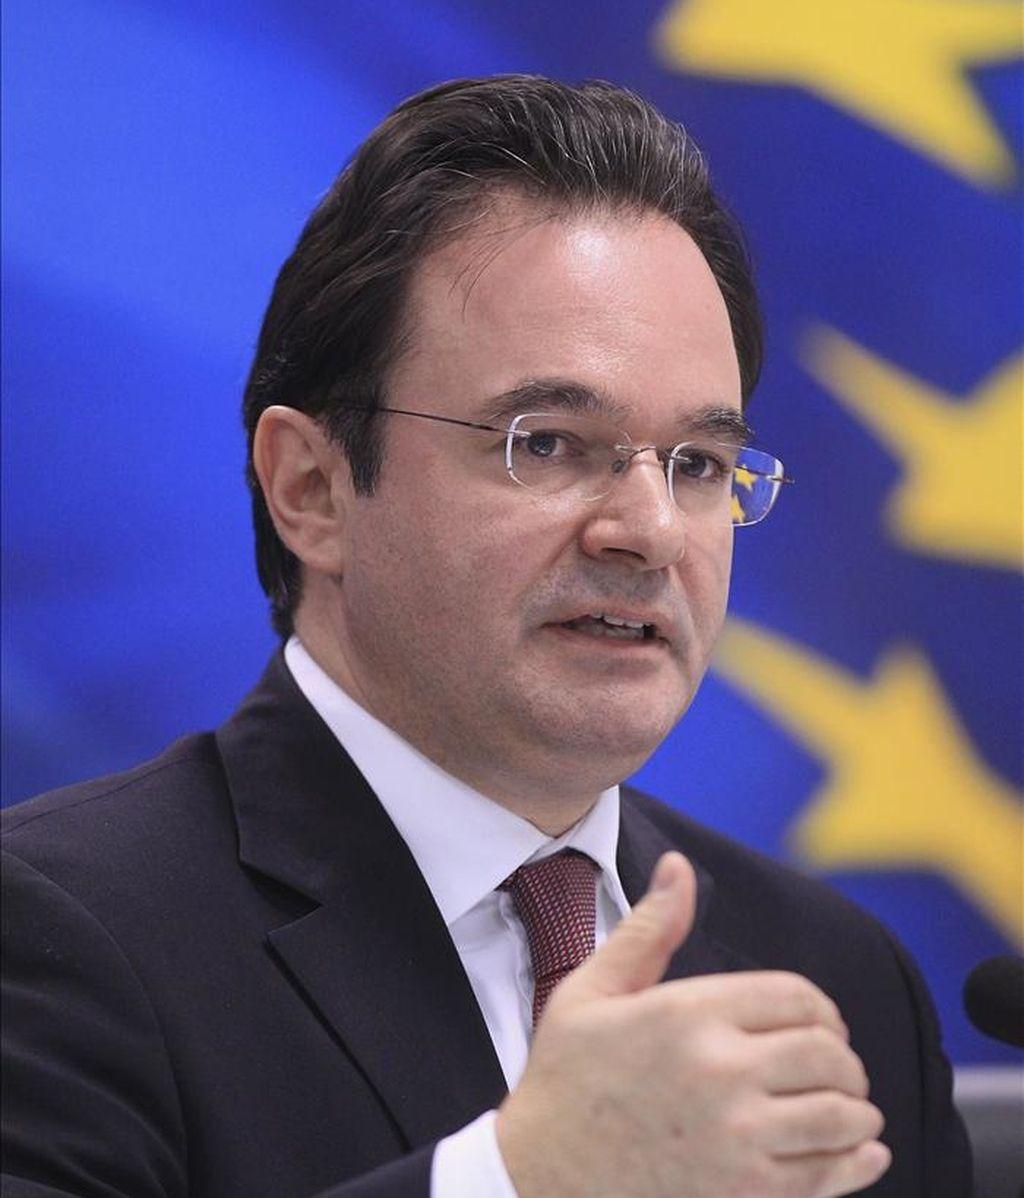 El ministro de Finanzas griego, Yorgos Papaconstantinou. EFE/Archivo